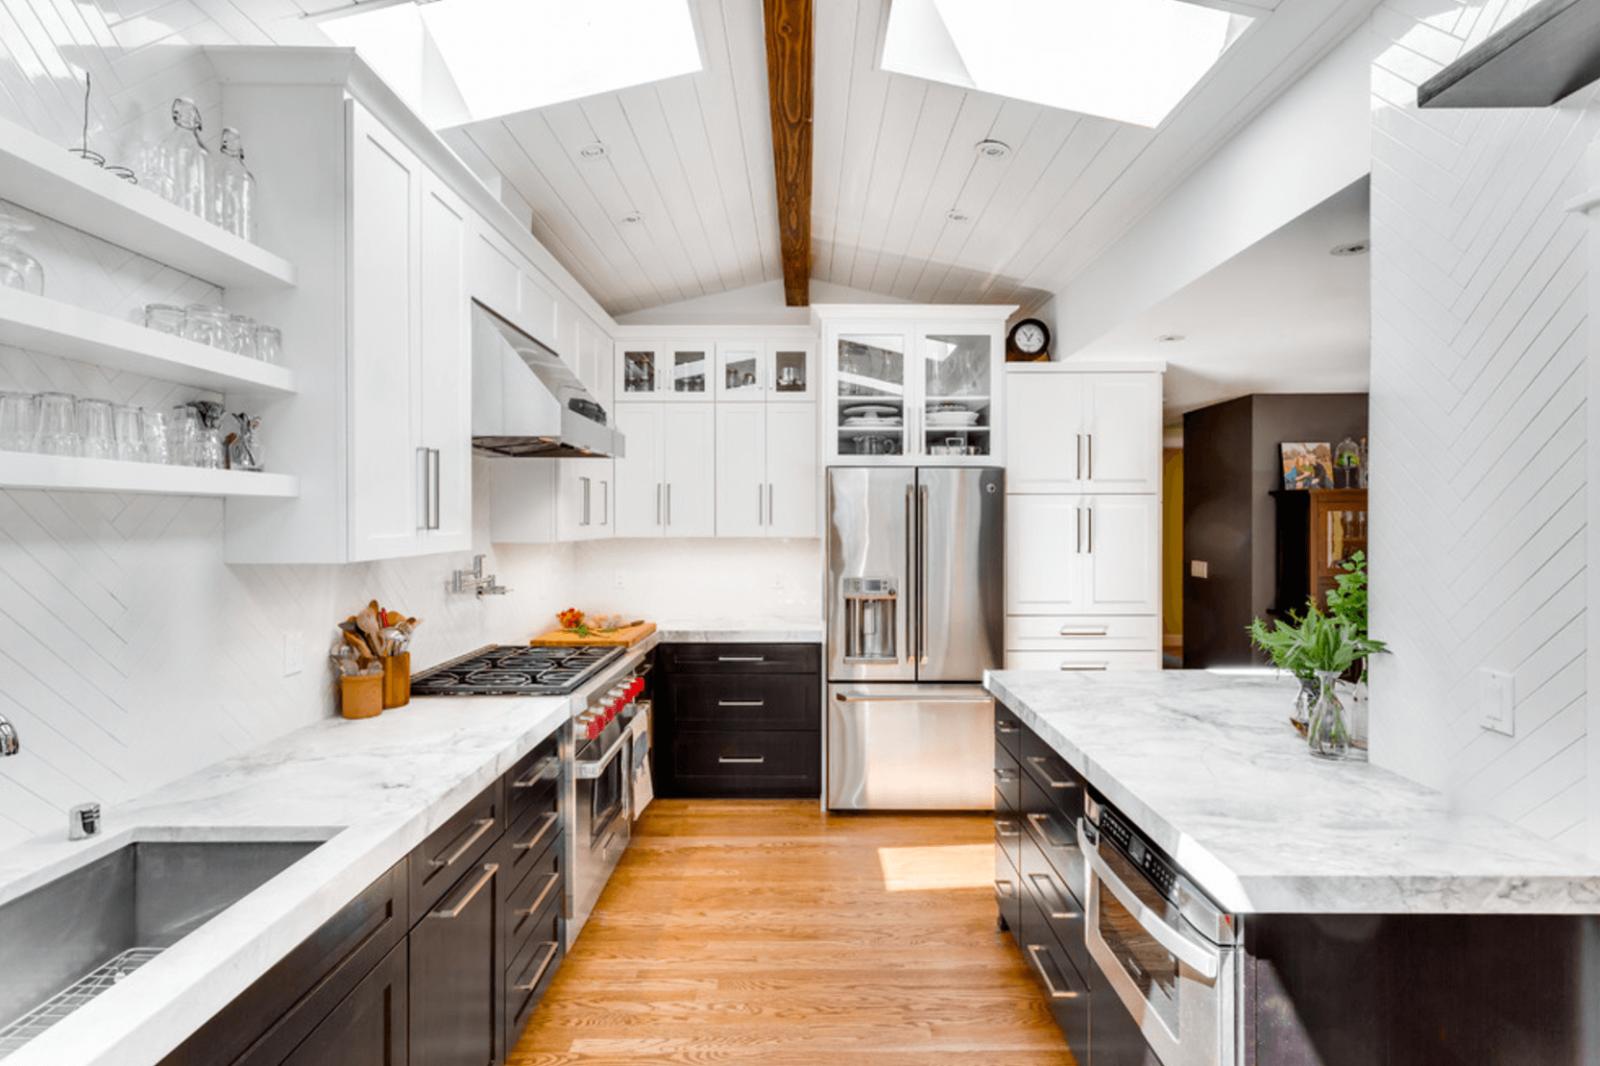 Những Vấn Đề Phong Thủy Cần Lưu Ý Khi Thiết Kế Phòng Bếp & Những lưu ý khi thiết kế phòng bếp